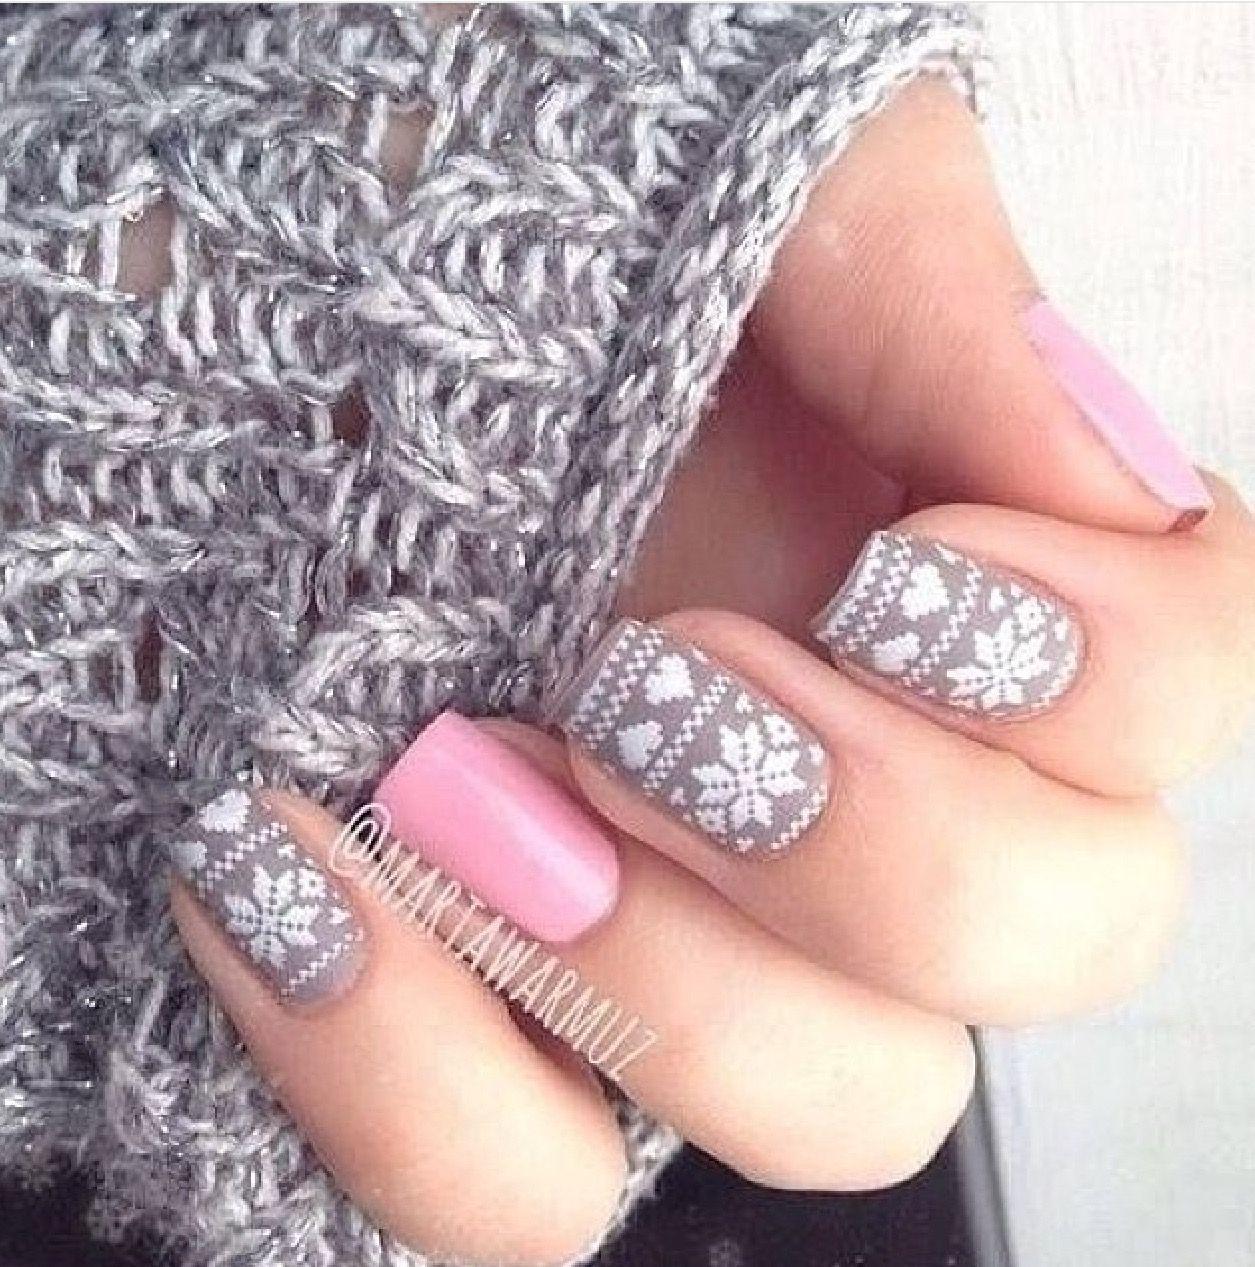 pinmalin gustafsson on beauty | pinterest | winter nails, nail